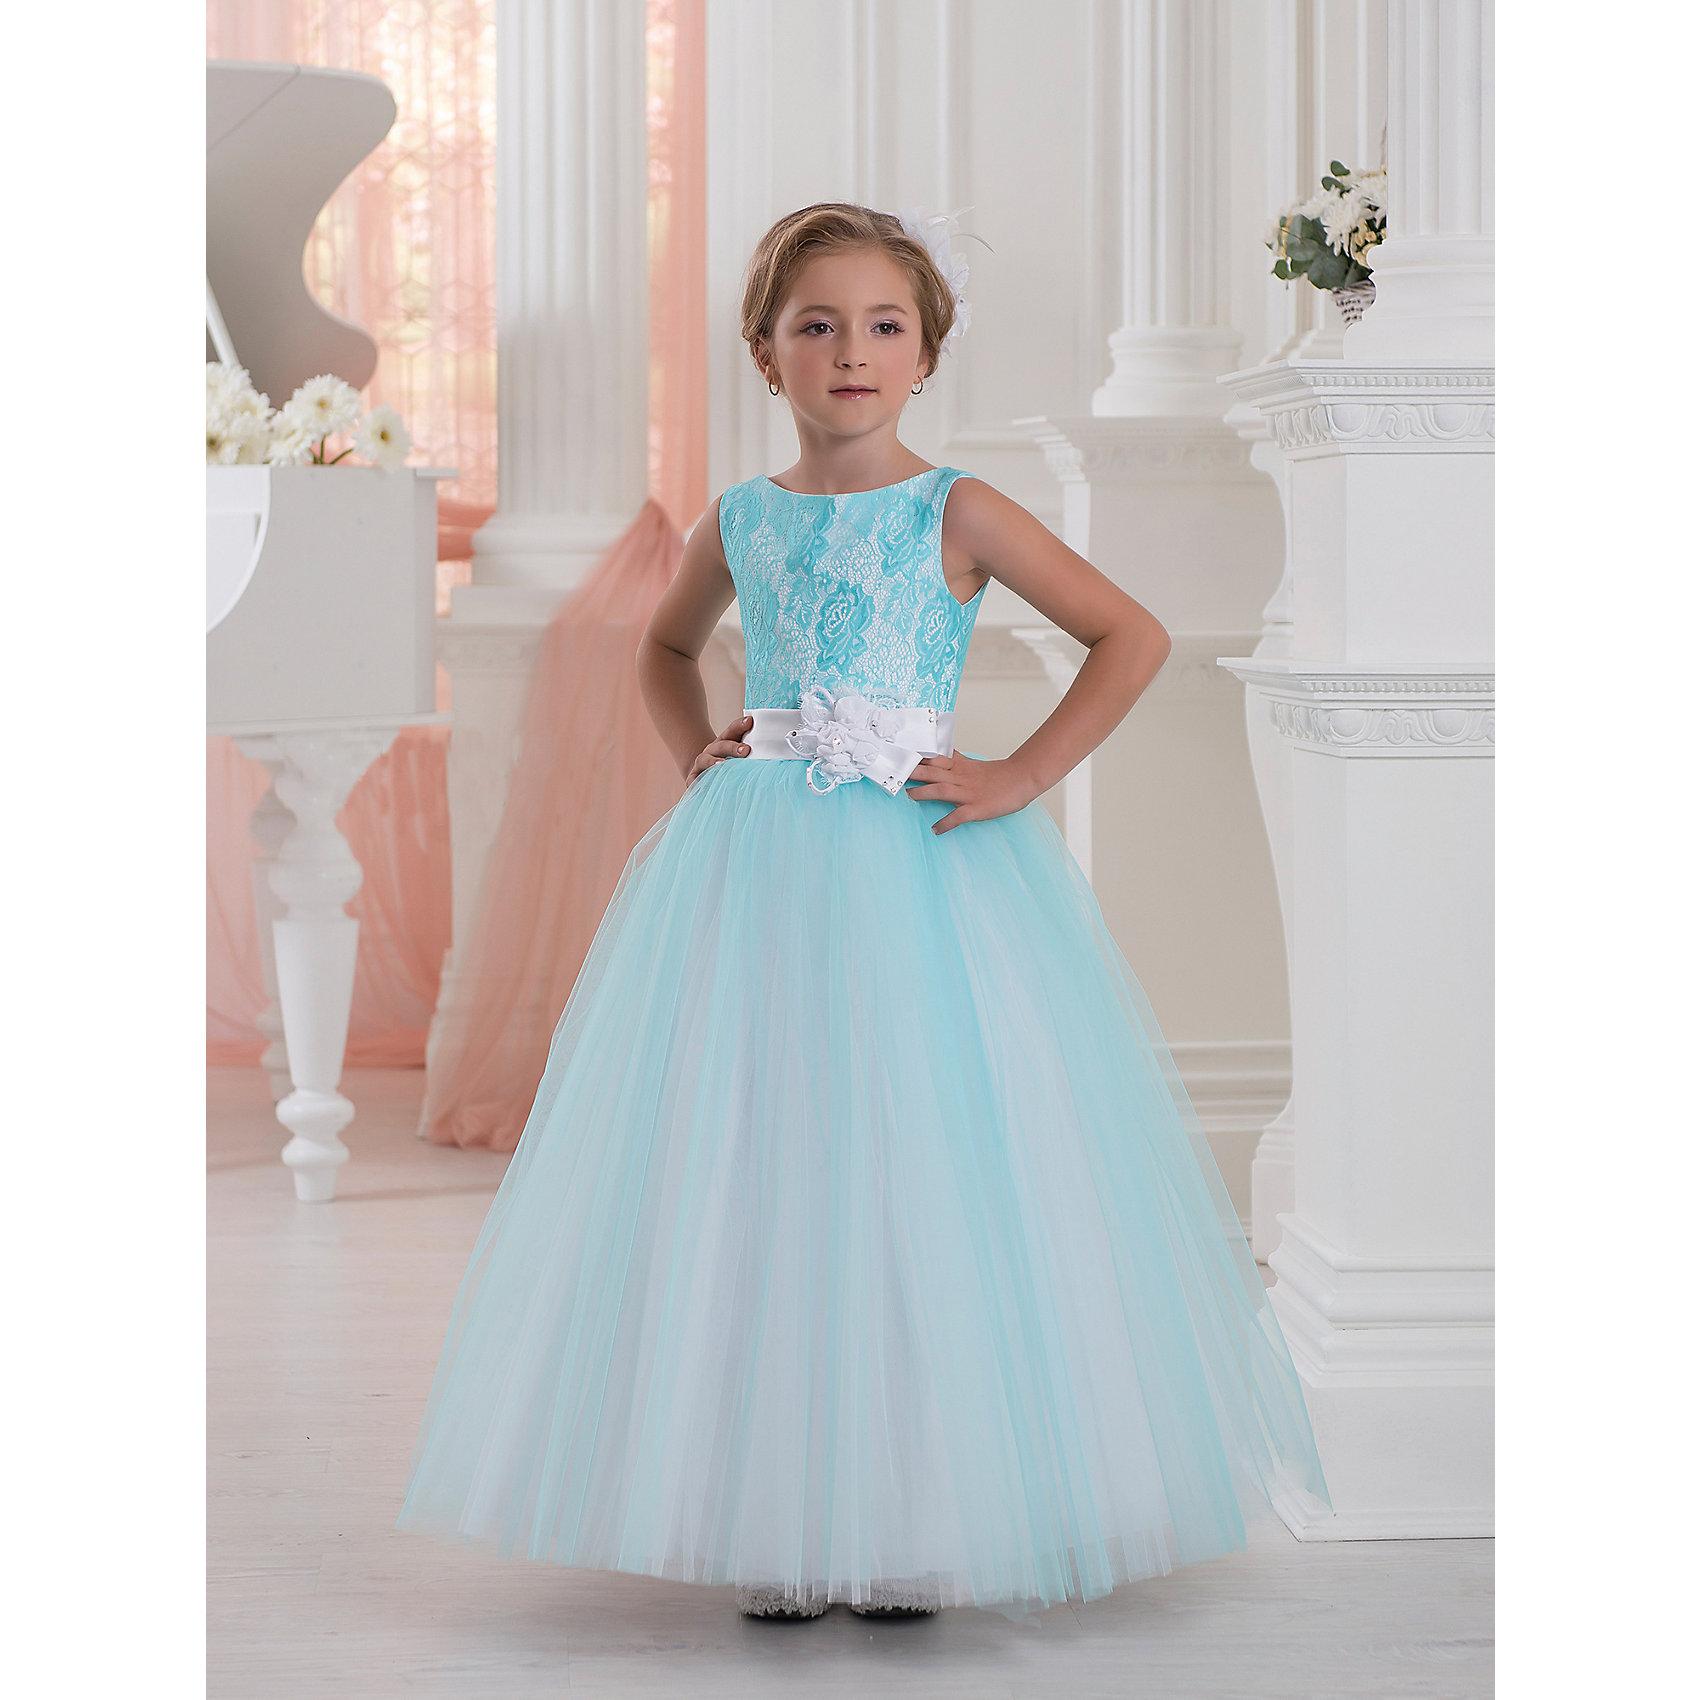 Платье нарядное ПрестижПлатье для девочки Престиж.<br><br>Характеристики:<br><br>• пышный силуэт<br>• без рукавов<br>• корсет<br>• состав: 100% полиэстер<br>• цвет: бирюзовый<br><br>Платье для девочки Престиж имеет пышный силуэт и лиф-корсет. Кружевная вышивка темного цвета на лифе отлично сочетается с пышной юбкой светлого и темного оттенка. Пояс платья украшен бантом со стразами. Яркое красивое платье - прекрасный вариант для торжественного мероприятия!<br><br>Платье регулируется шнуровкой сзади, от талии до верха спинки. Шнуровка в комплекте.<br>Платье подходит для занятий бальными танцами.<br><br>Вы можете купить платье для девочки Престиж в нашем интернет-магазине.<br><br>Ширина мм: 236<br>Глубина мм: 16<br>Высота мм: 184<br>Вес г: 177<br>Цвет: бирюзовый<br>Возраст от месяцев: 108<br>Возраст до месяцев: 120<br>Пол: Женский<br>Возраст: Детский<br>Размер: 128,122<br>SKU: 5158425